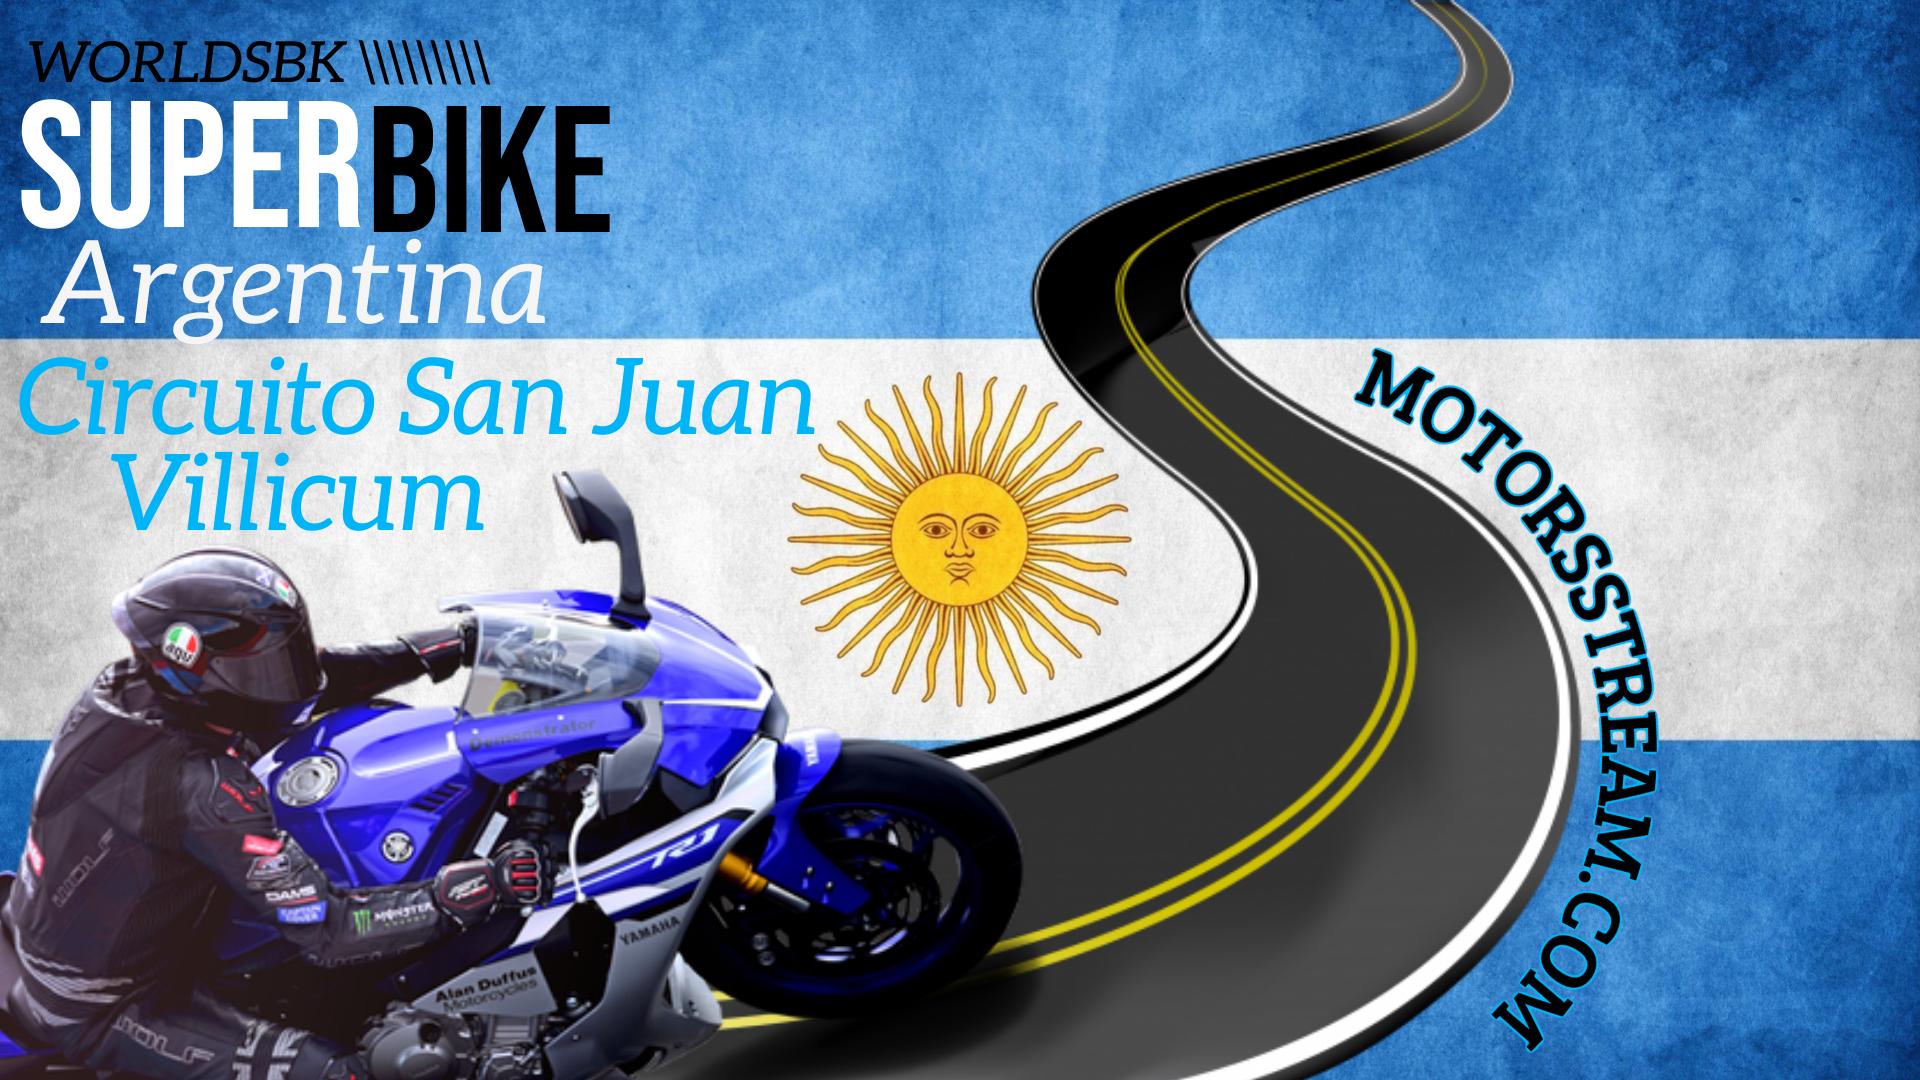 Argentina WSBK Round 10 Live Stream 2021